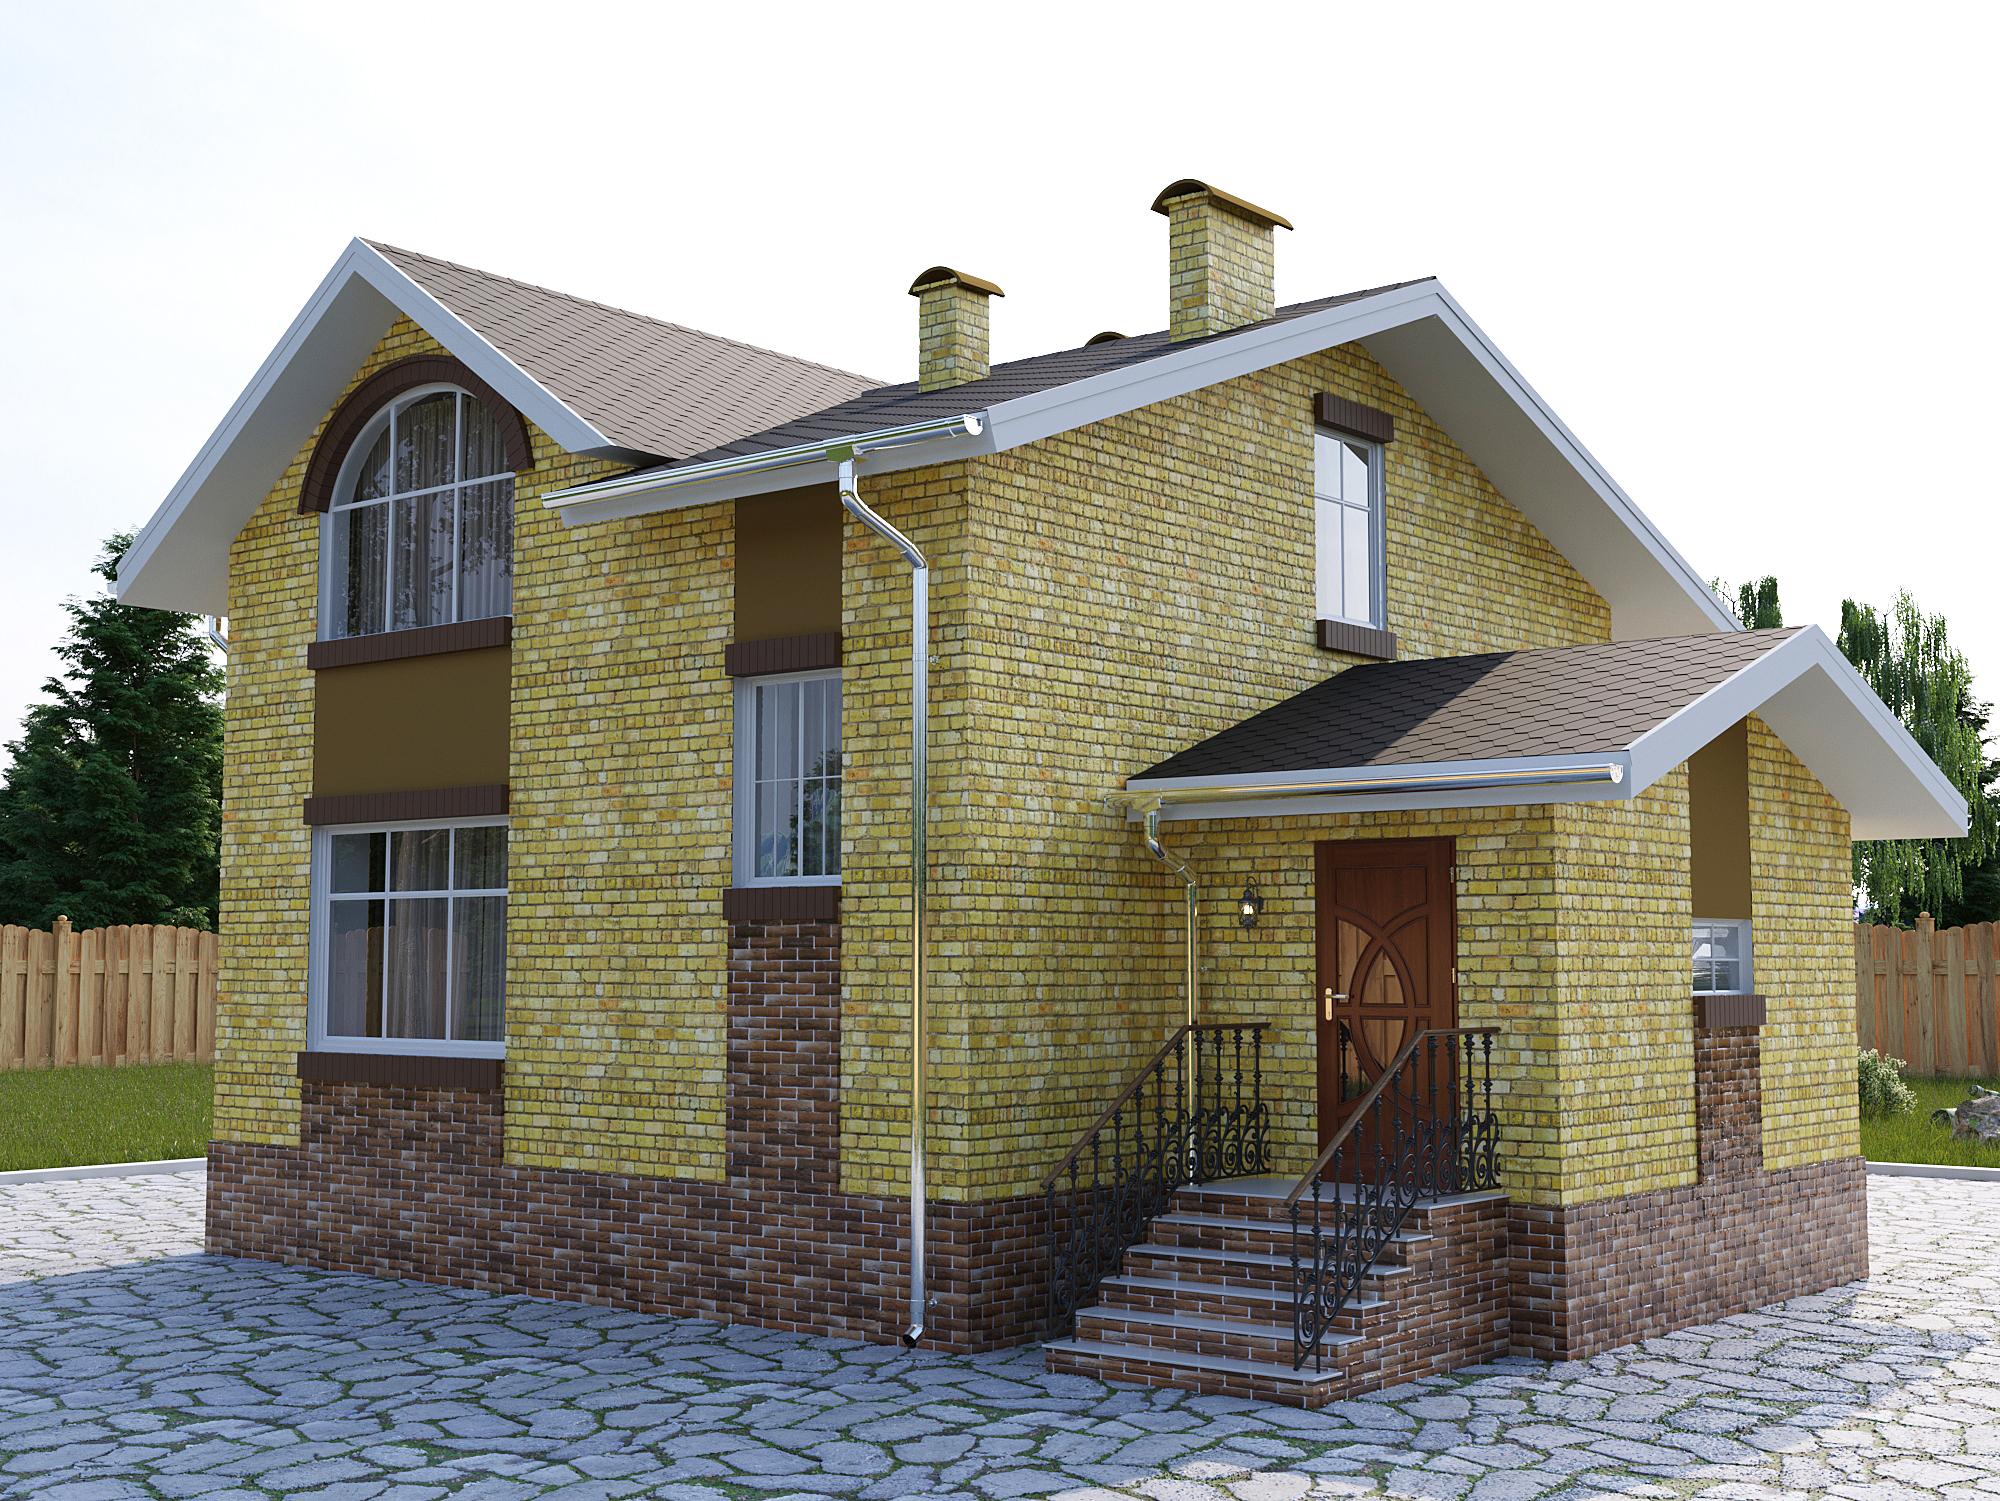 Готовый проект коттеджа 90 кв. м / Артикул DK-49 фасад